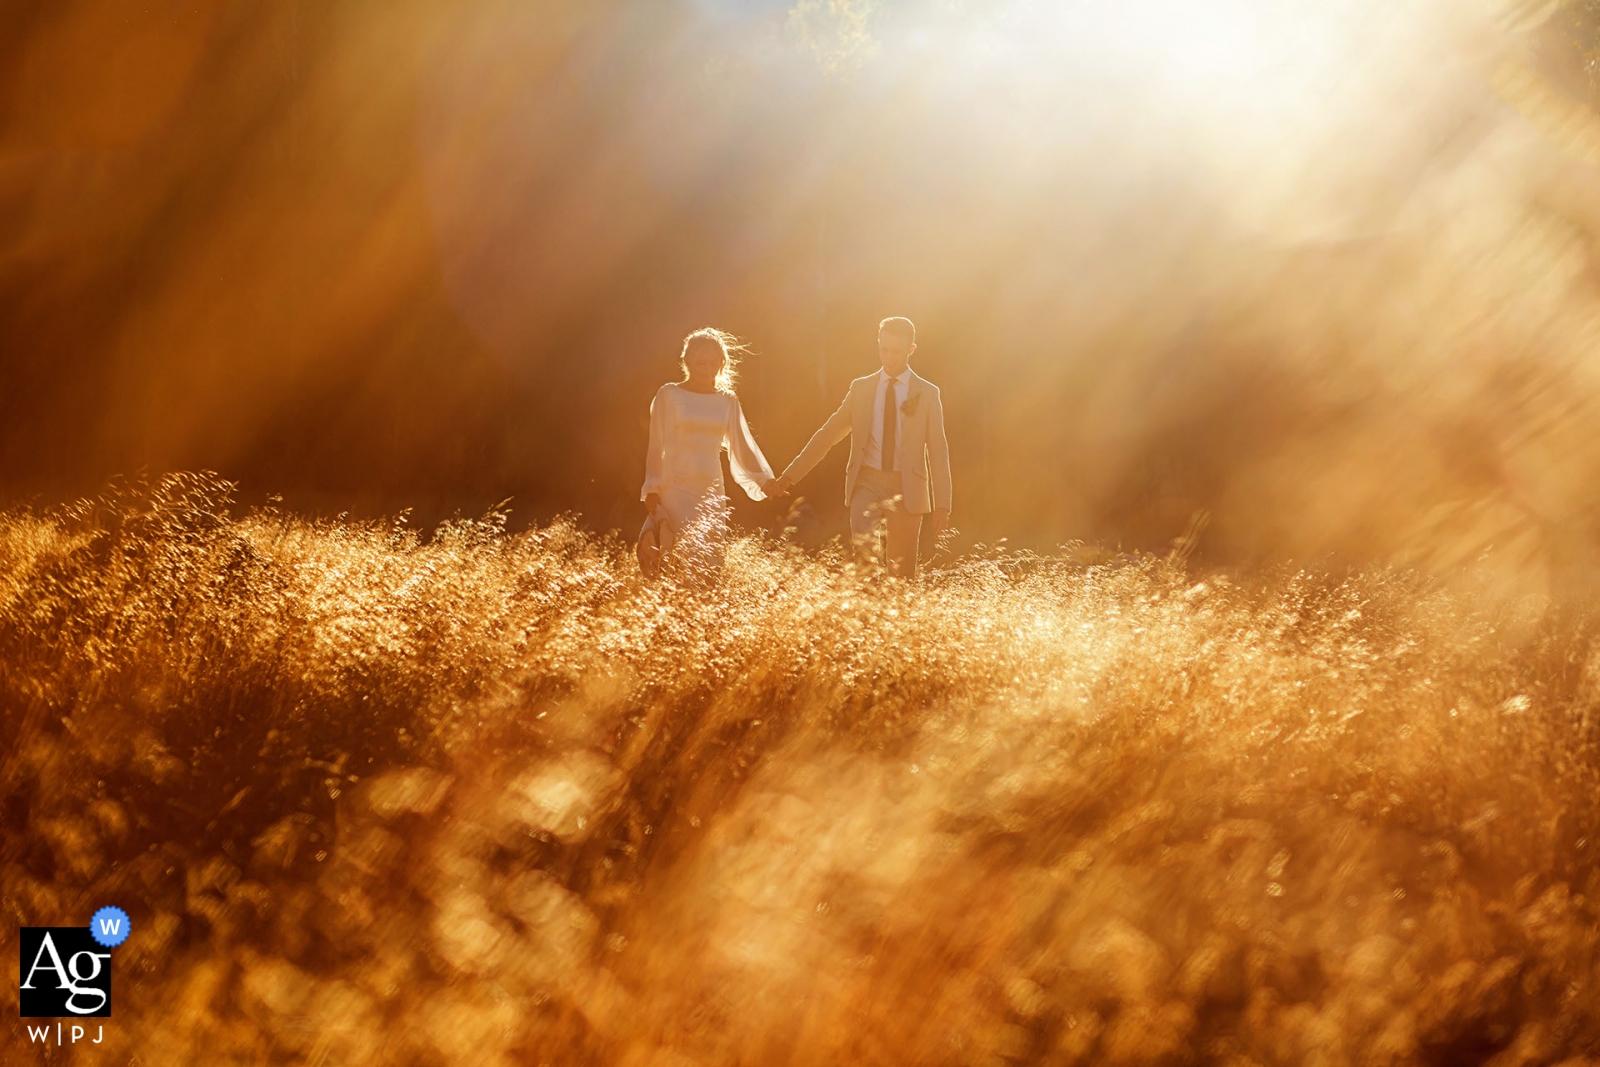 Lake Tahoe-Hochzeitstagpaarporträt auf dem Gebiet mit goldener Sonne und Aufflackern